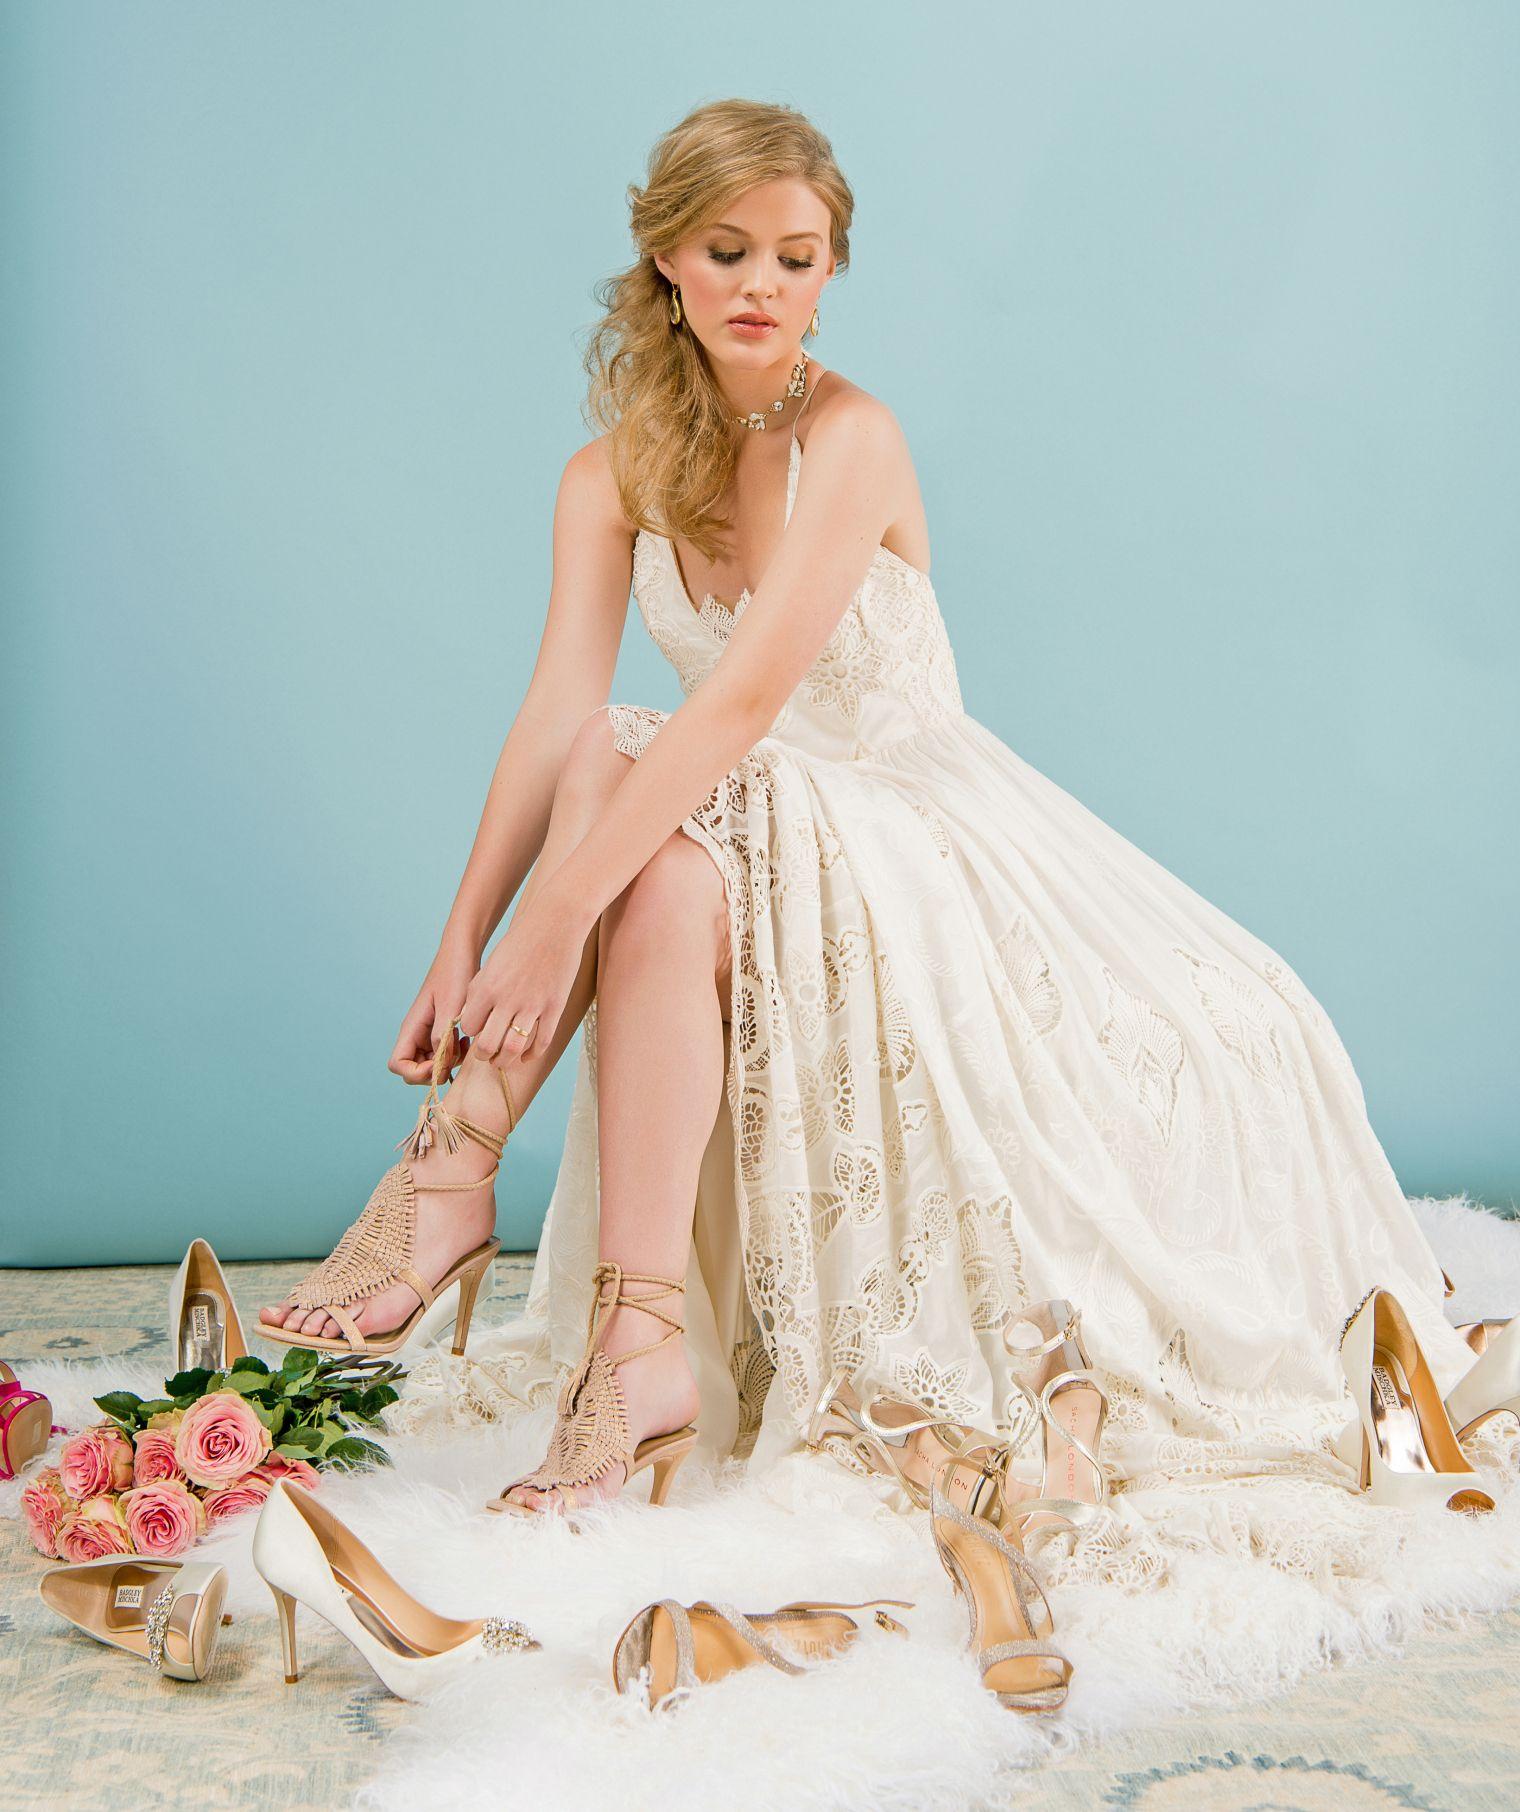 Wedding Fashion • Boho Wedding Style • Editorial Photography ...